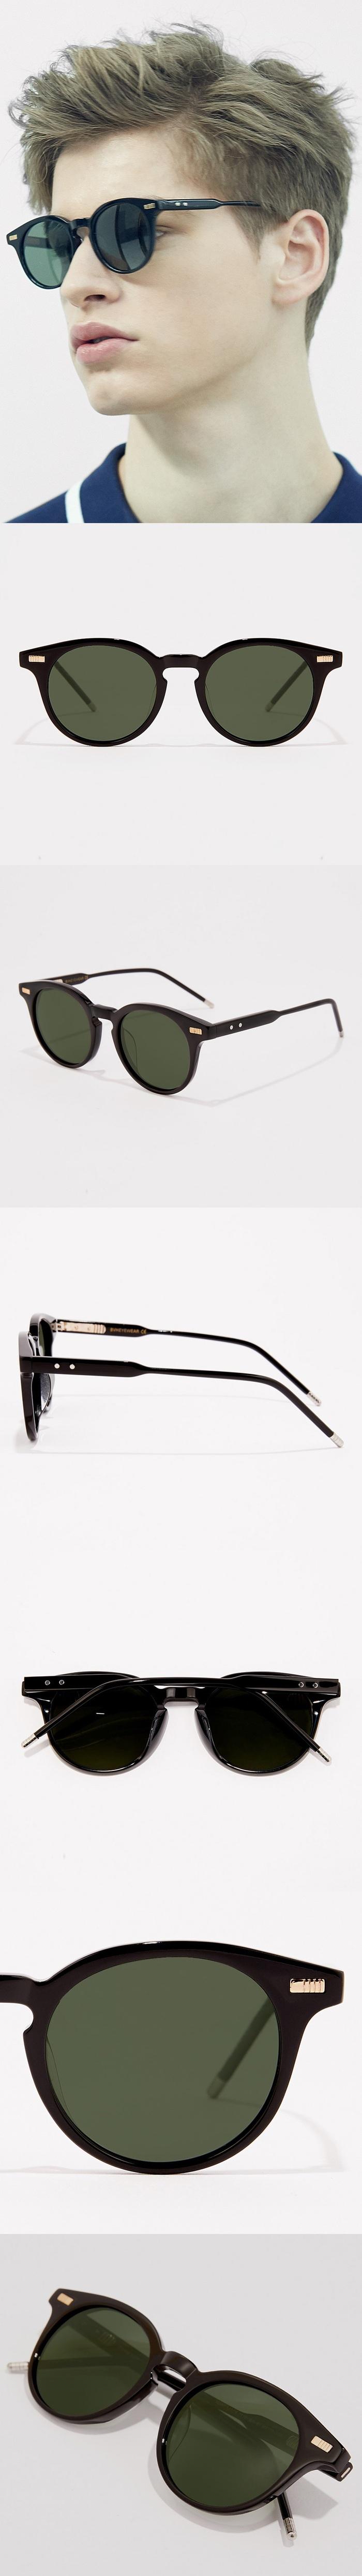 (複製)BVH|太陽眼鏡 1618-RMA-02